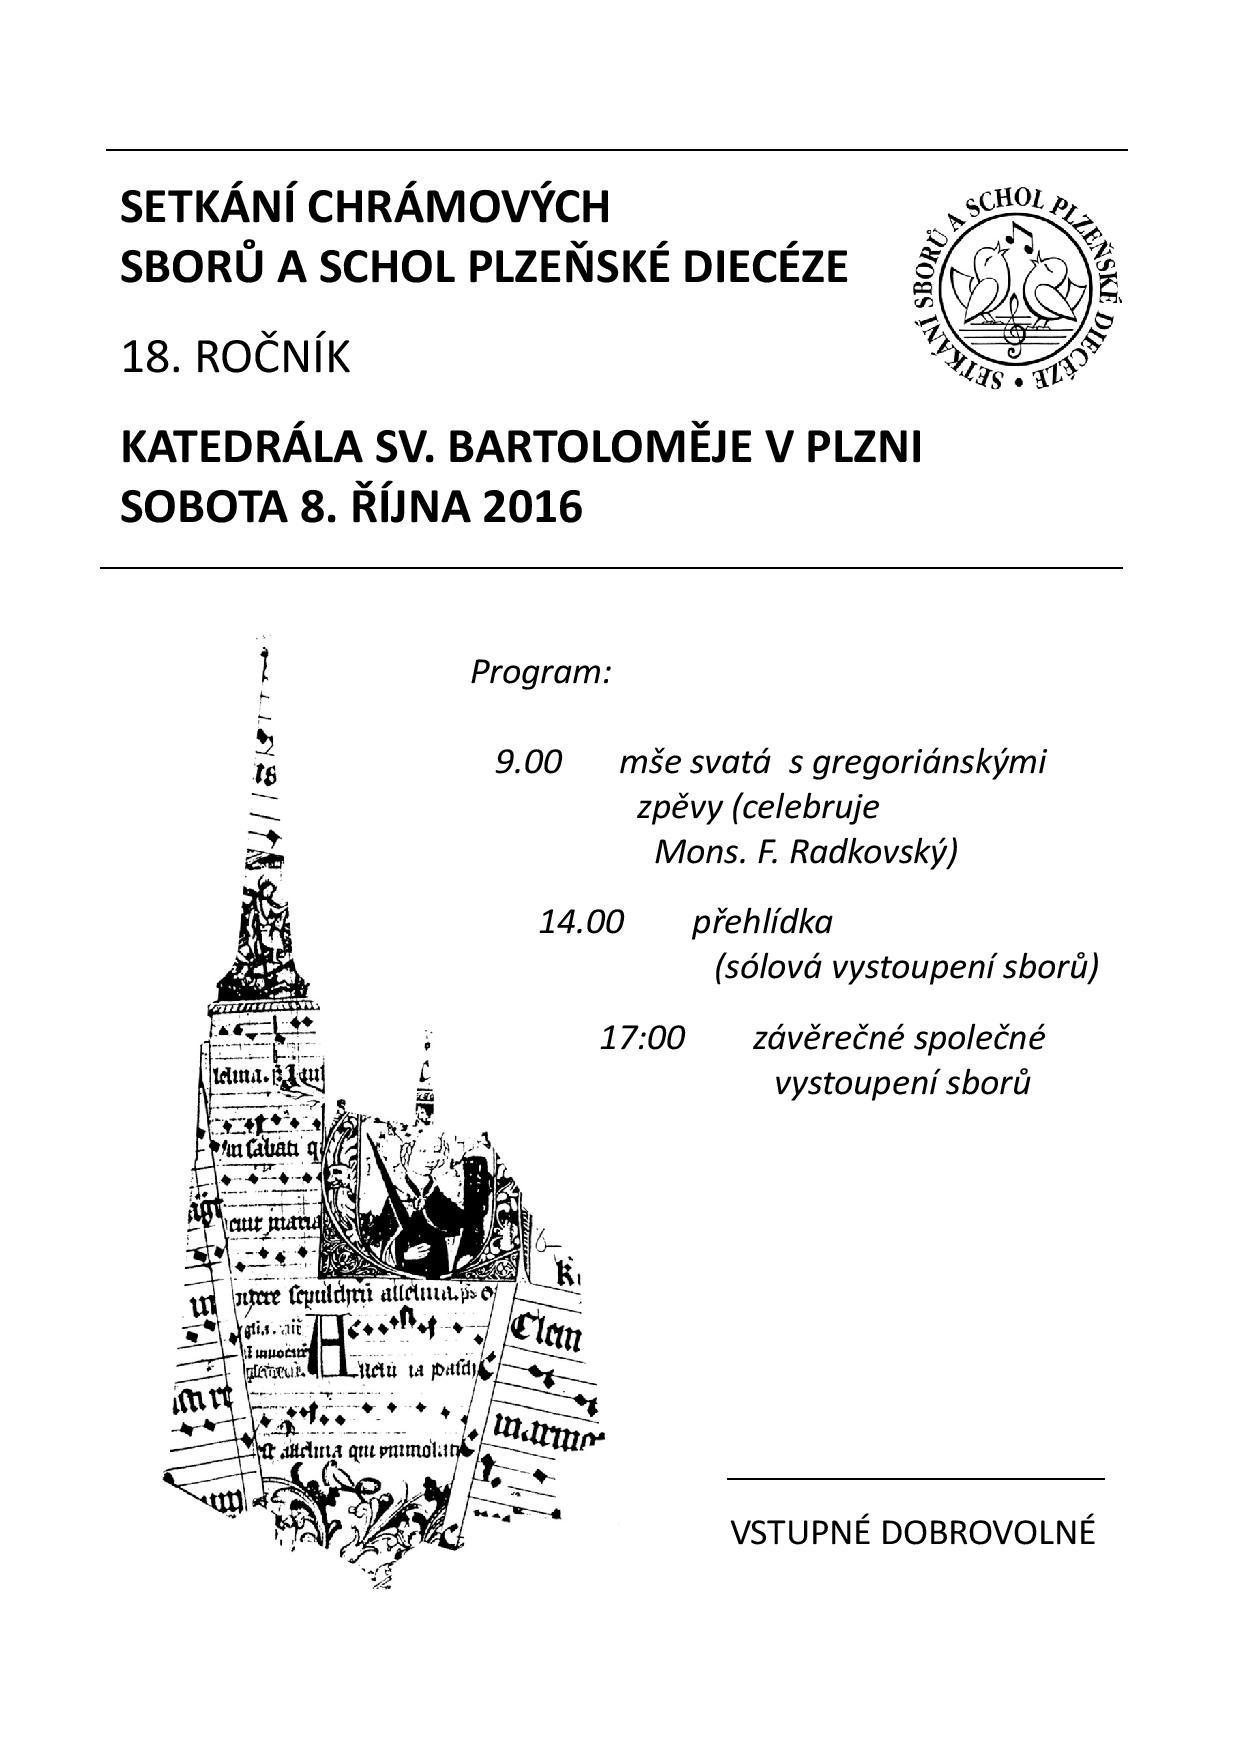 setkani_sboru_2016_plakat-page-001